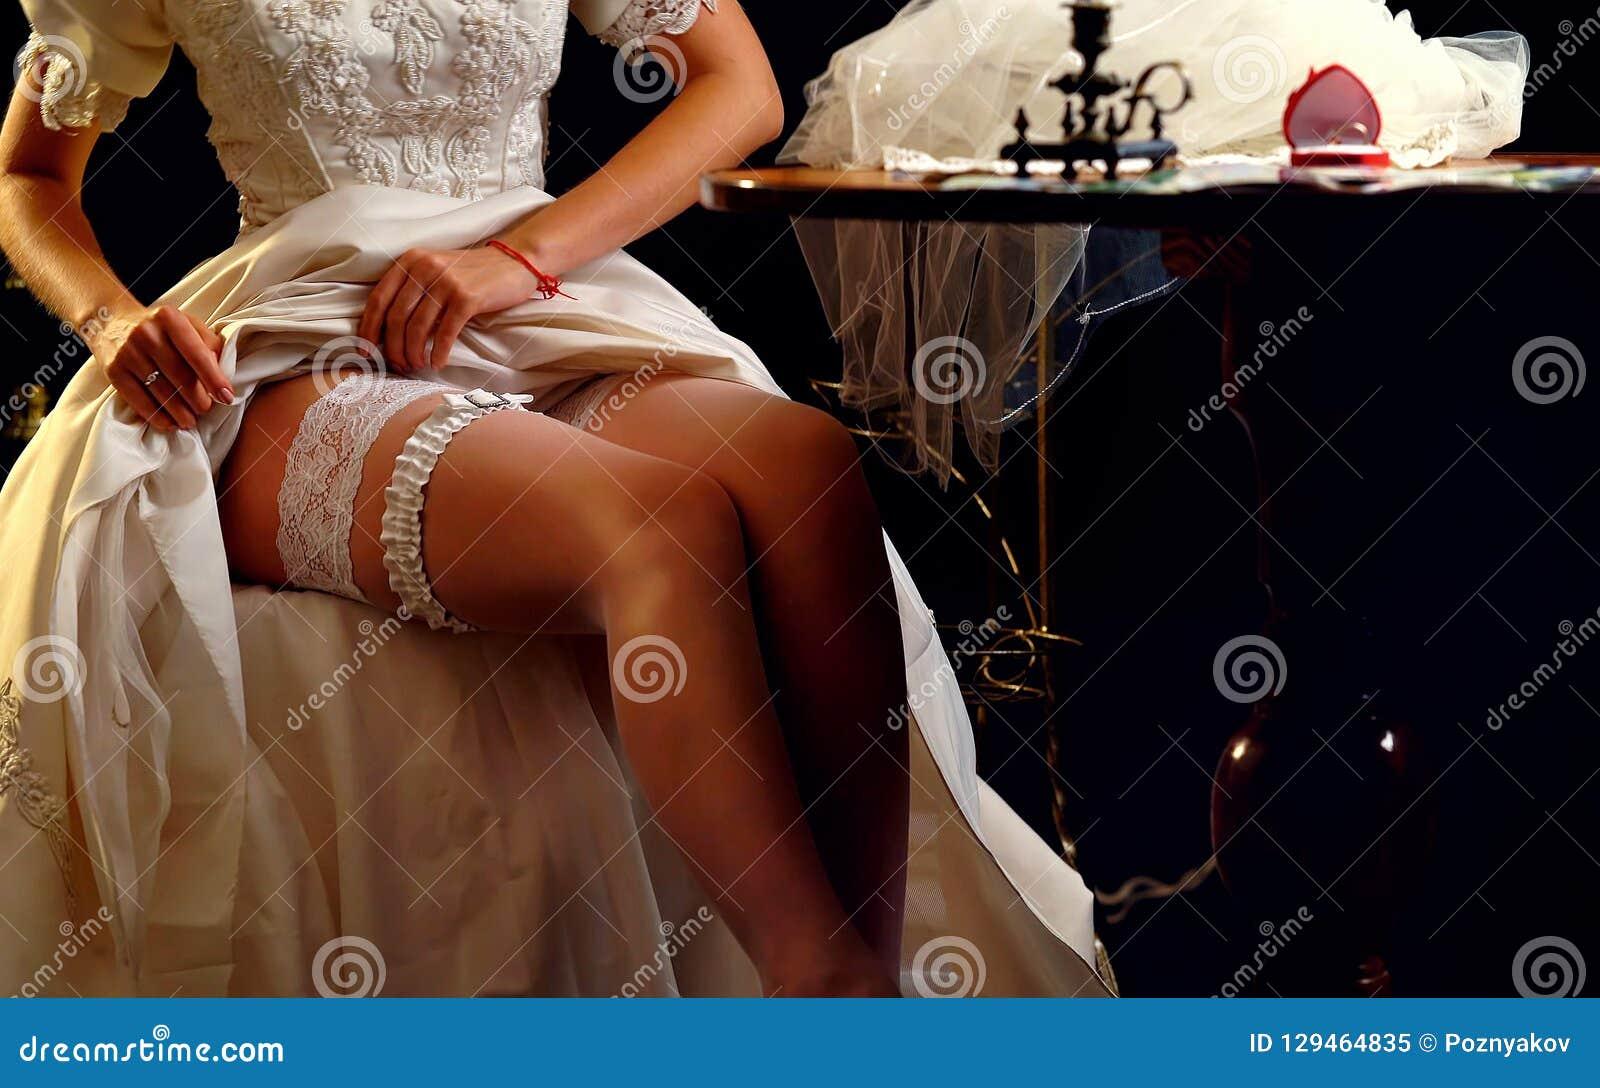 Huwelijksnacht die kouseband voorbereiden Bruid het ontkleden